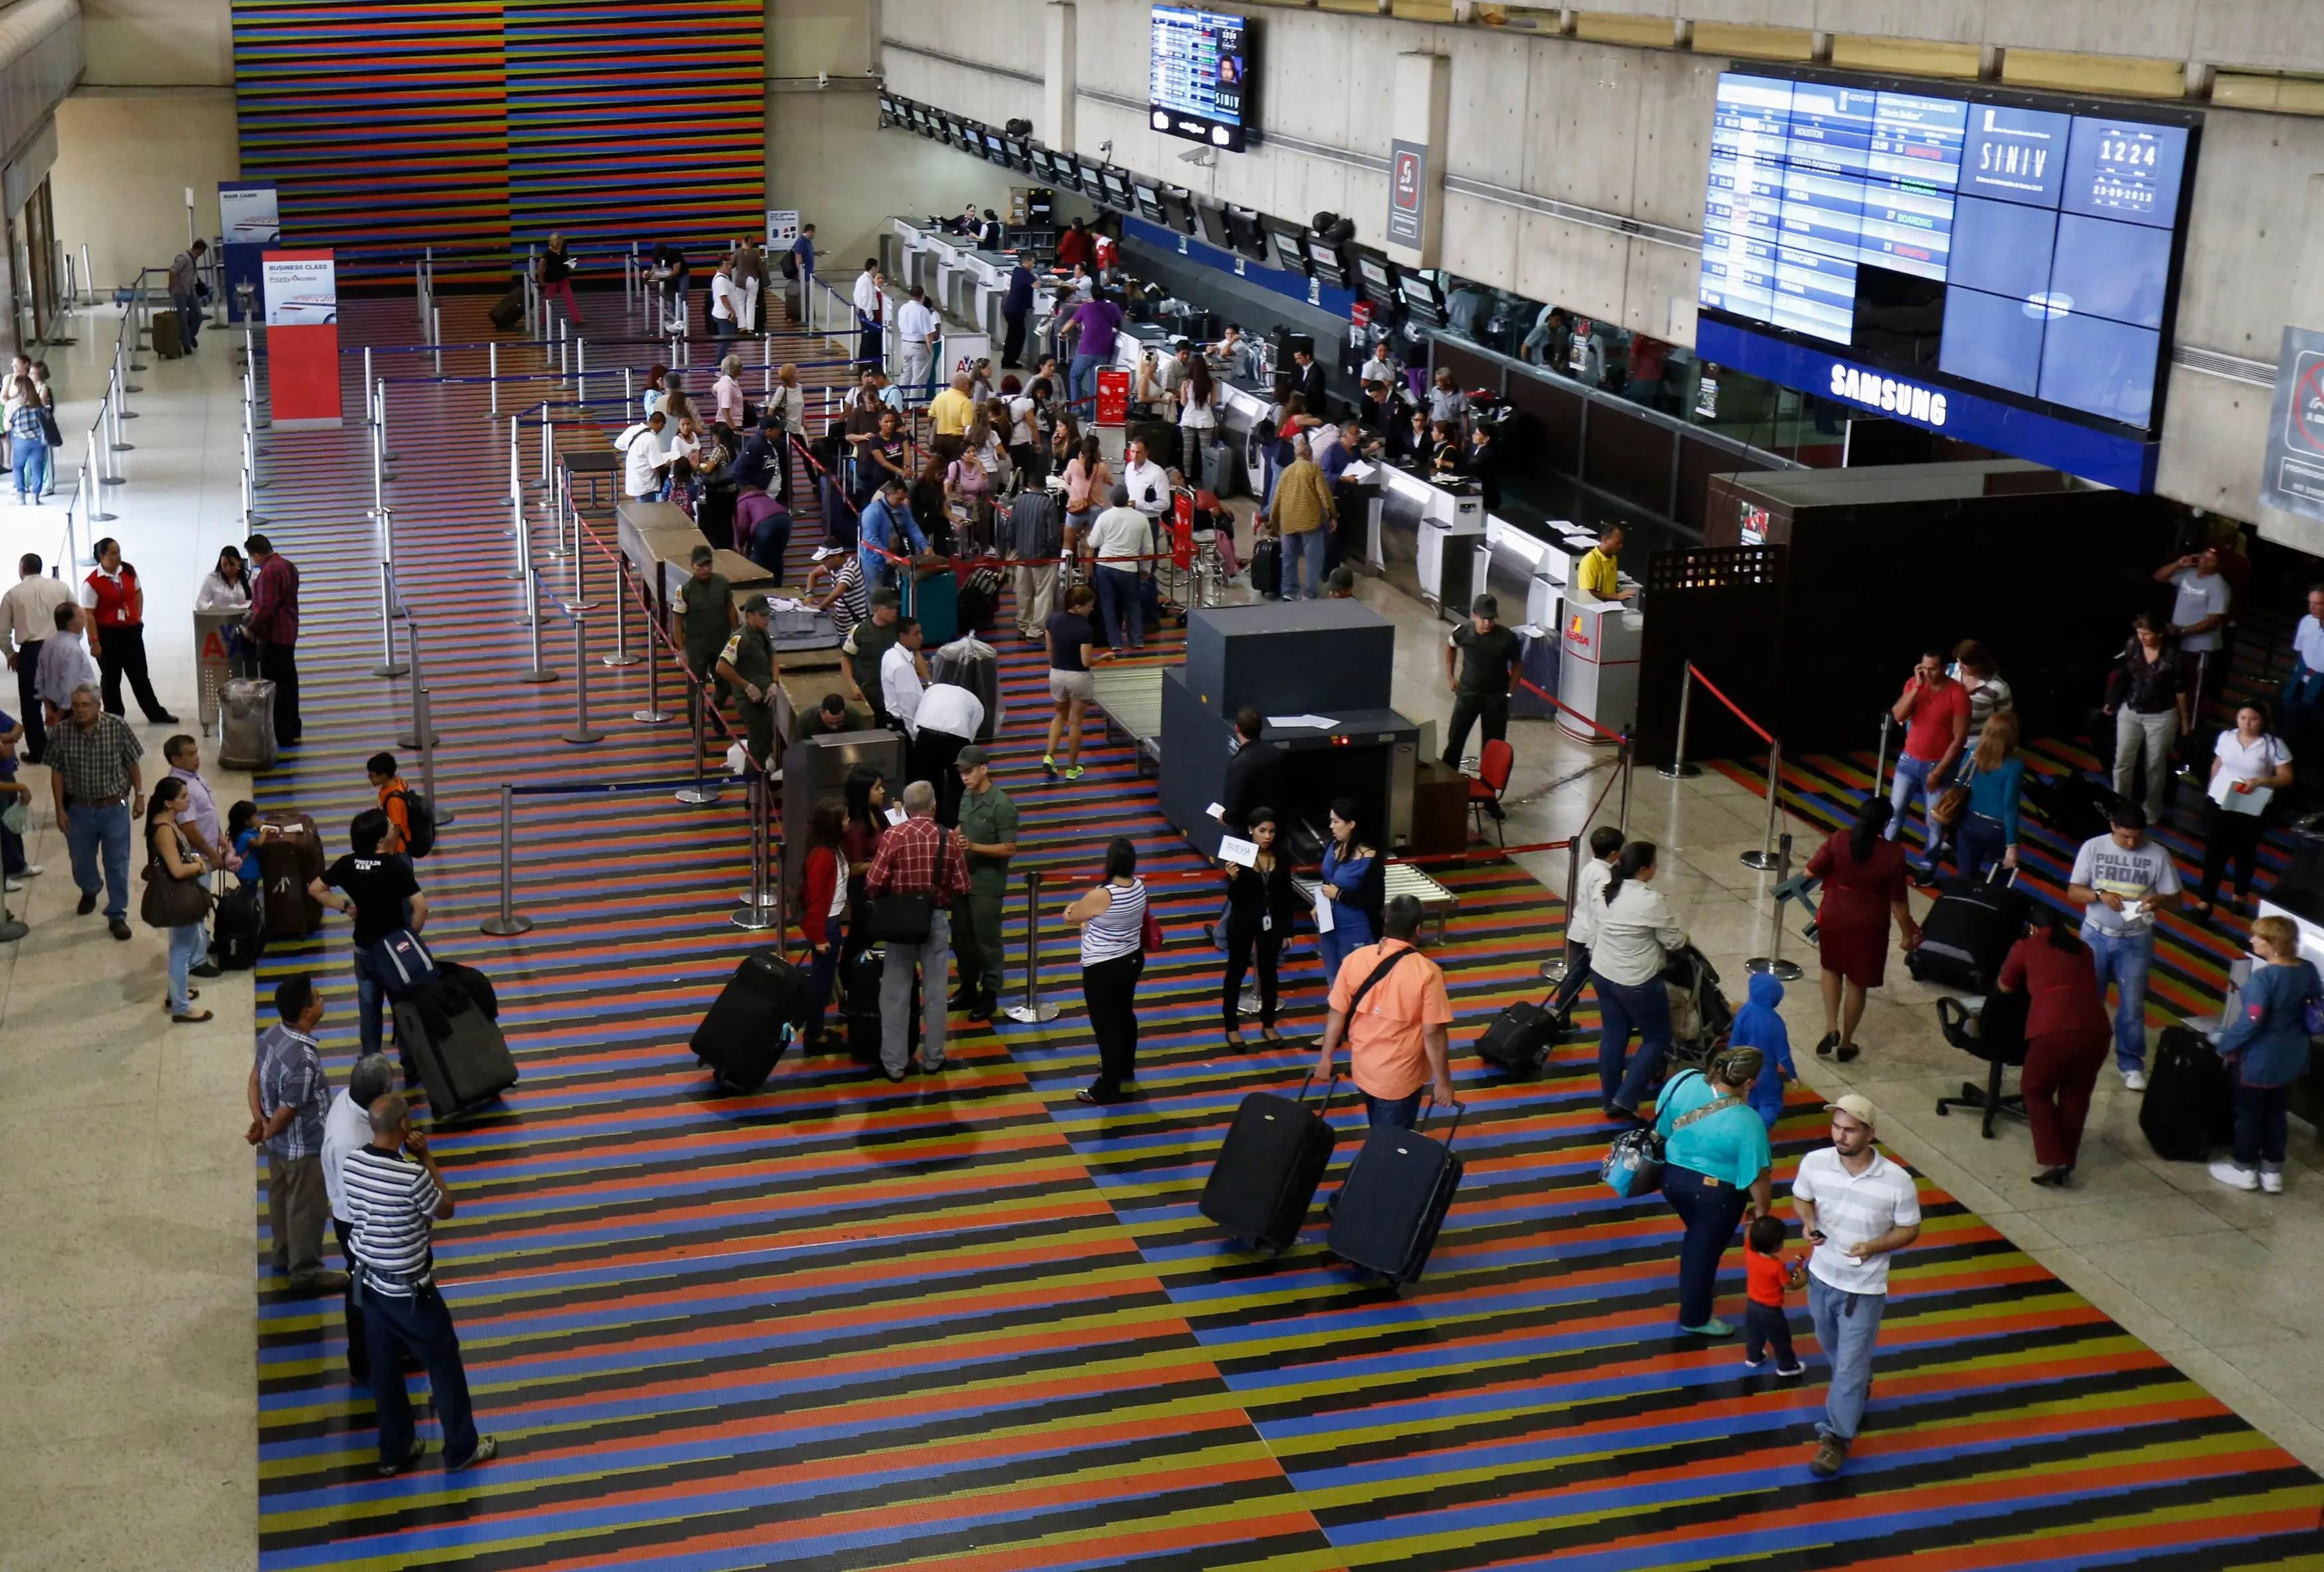 Venezuela Maiquetia Simon Bolivar international airport Caracas